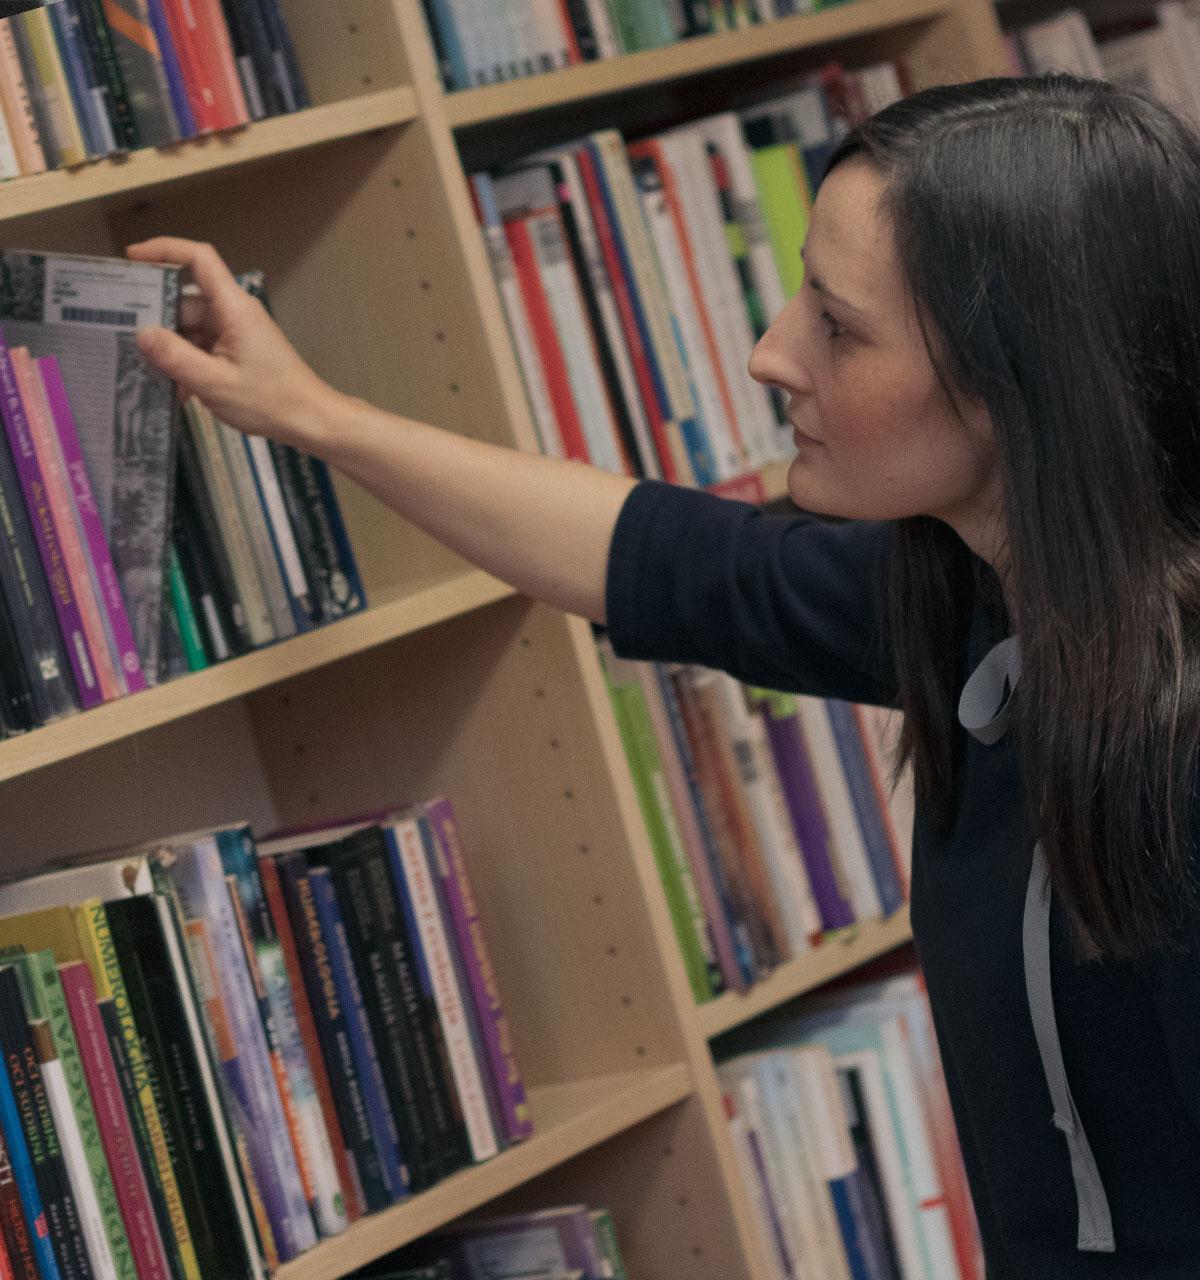 Knjižničarka uzima knjigu s police